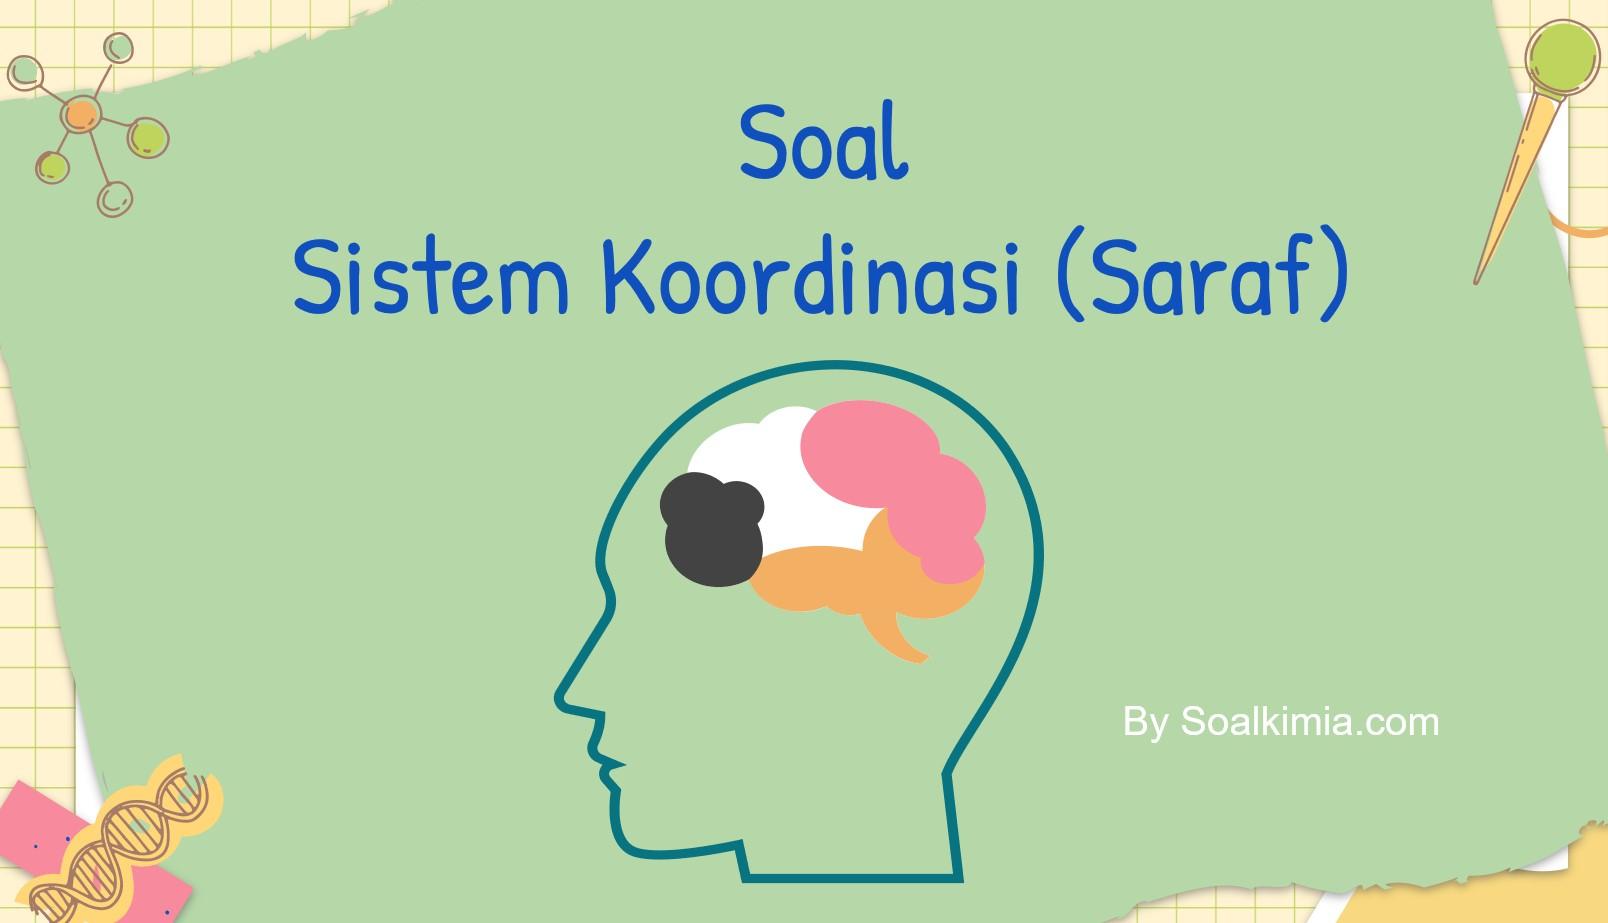 Soal Sistem Koordinasi (Saraf)